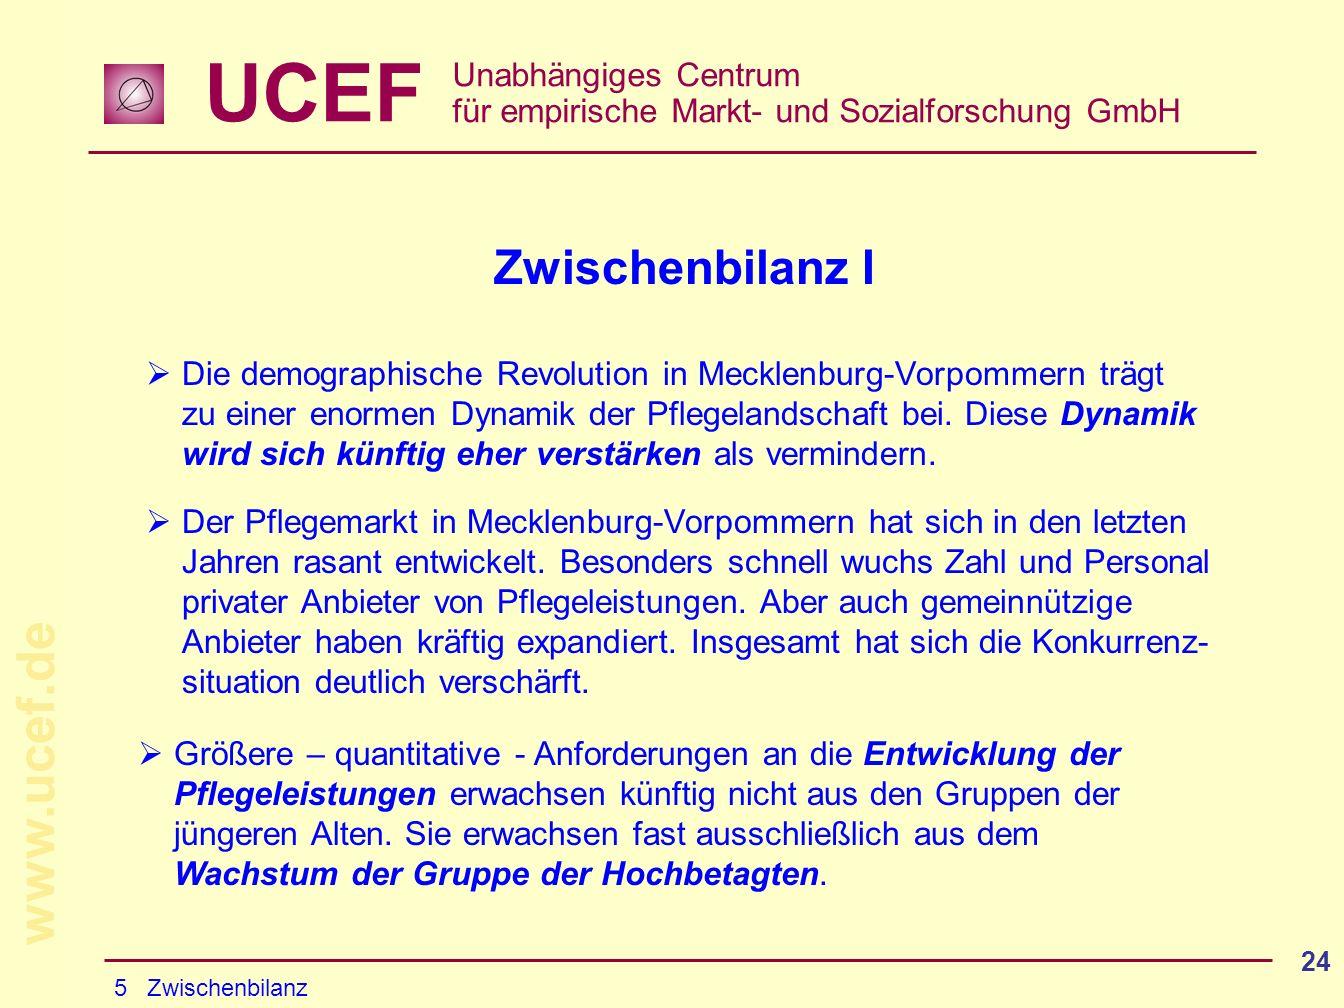 UCEF Unabhängiges Centrum für empirische Markt- und Sozialforschung GmbH www.ucef.de 24 Zwischenbilanz I Die demographische Revolution in Mecklenburg-Vorpommern trägt zu einer enormen Dynamik der Pflegelandschaft bei.